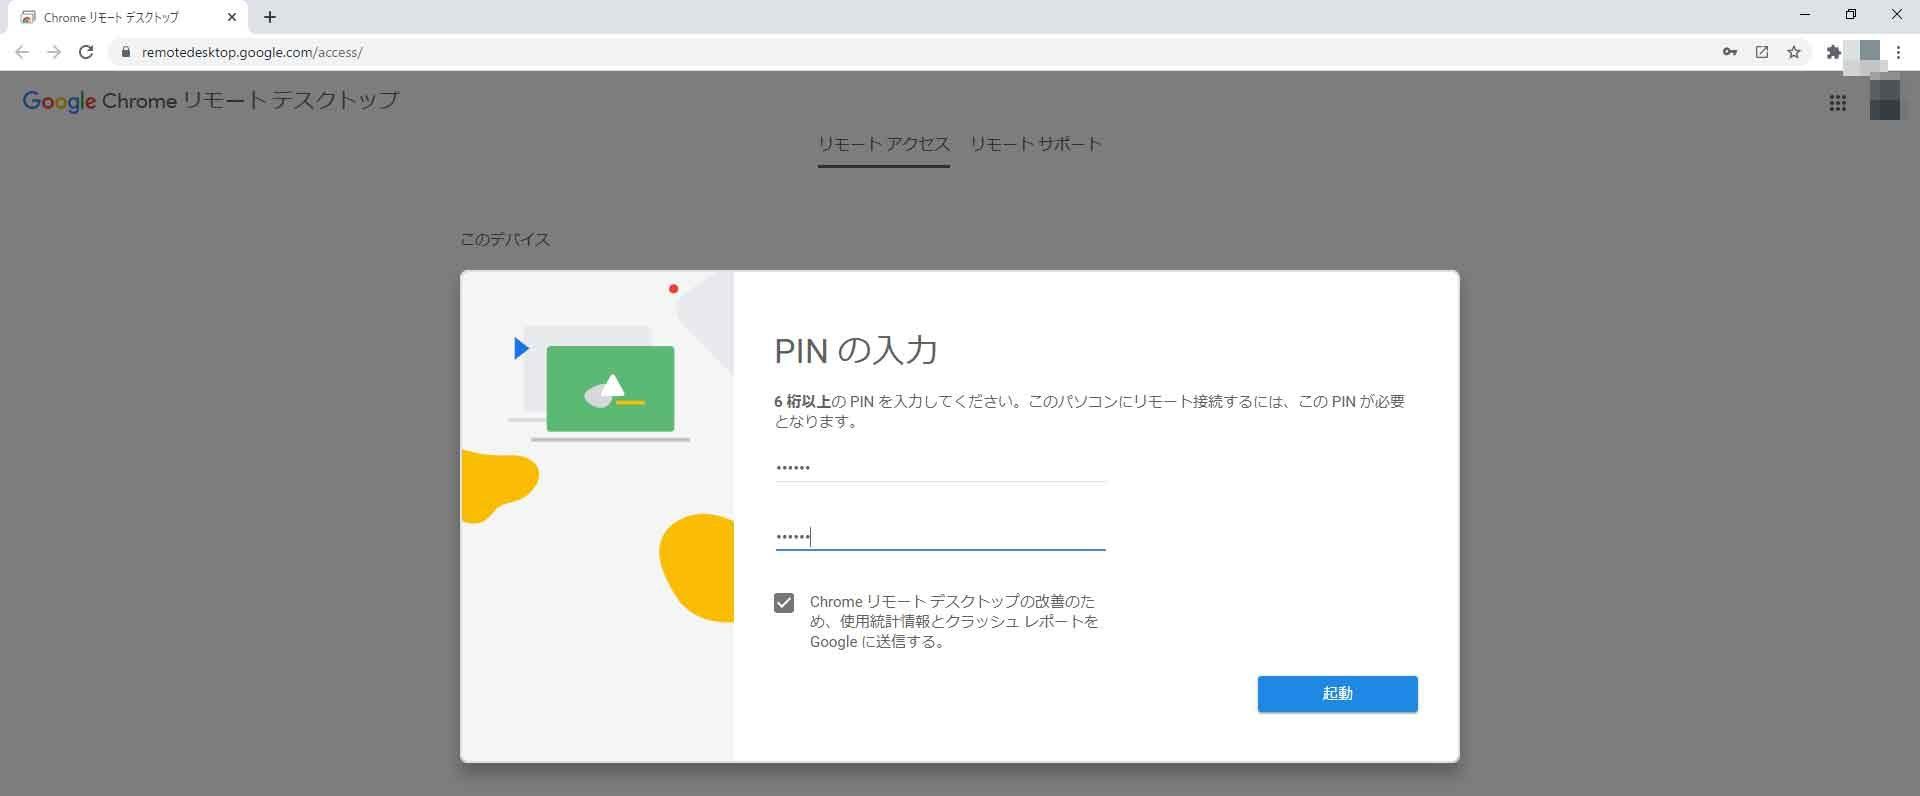 ChromeリモートデスクトップのPINを決める